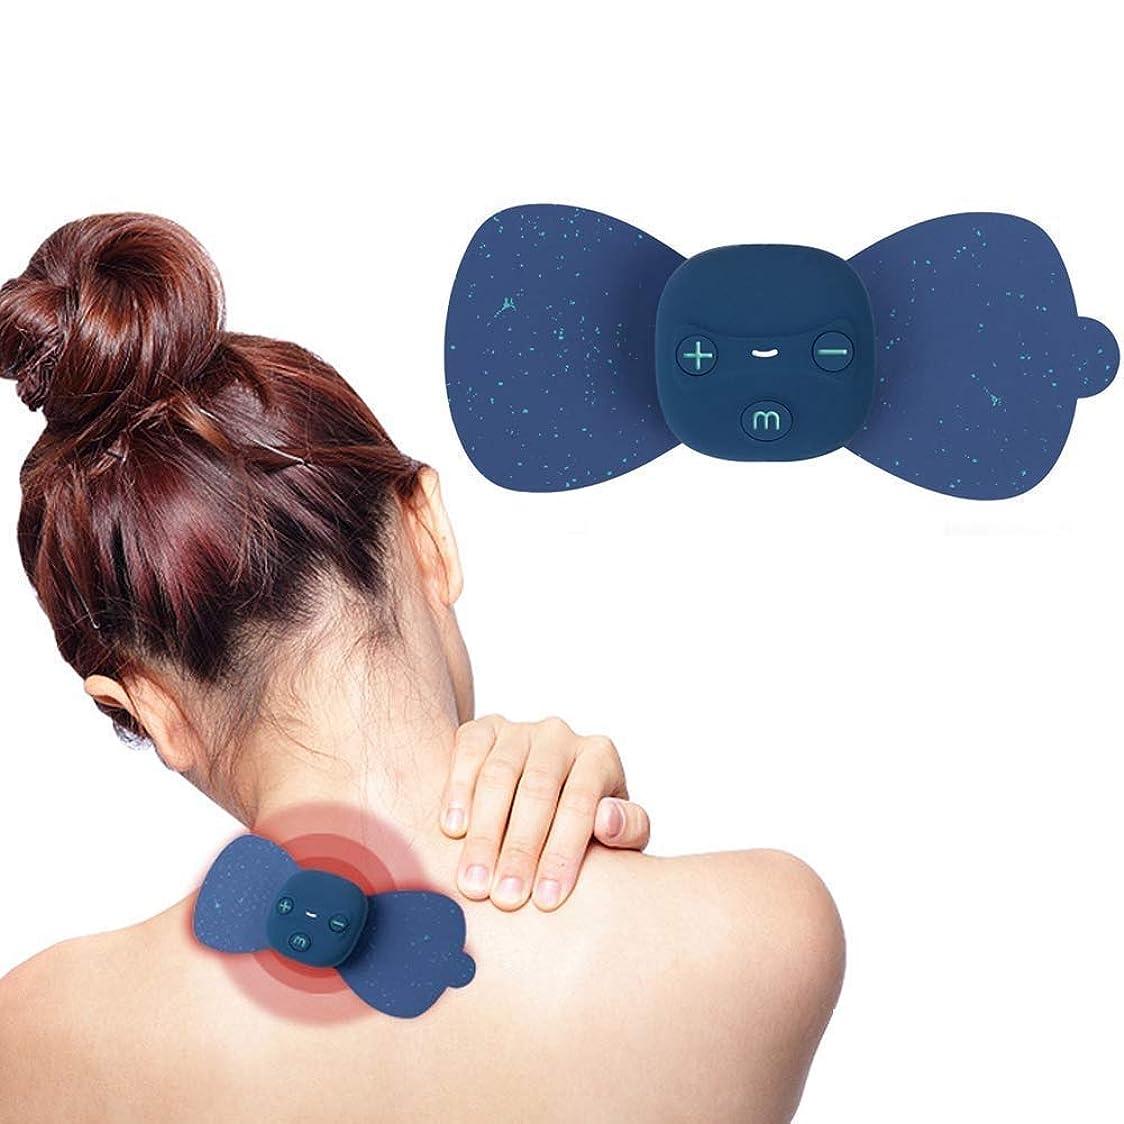 本物のコーンウォール引き付けるマッサージステッカー EMSマッサージテンマシンセラピーデバイス、ワイヤレステンユニット - 電極パッドデバイス - 電気刺激マシン - EMS痛み緩和療法神経刺激用筋肉